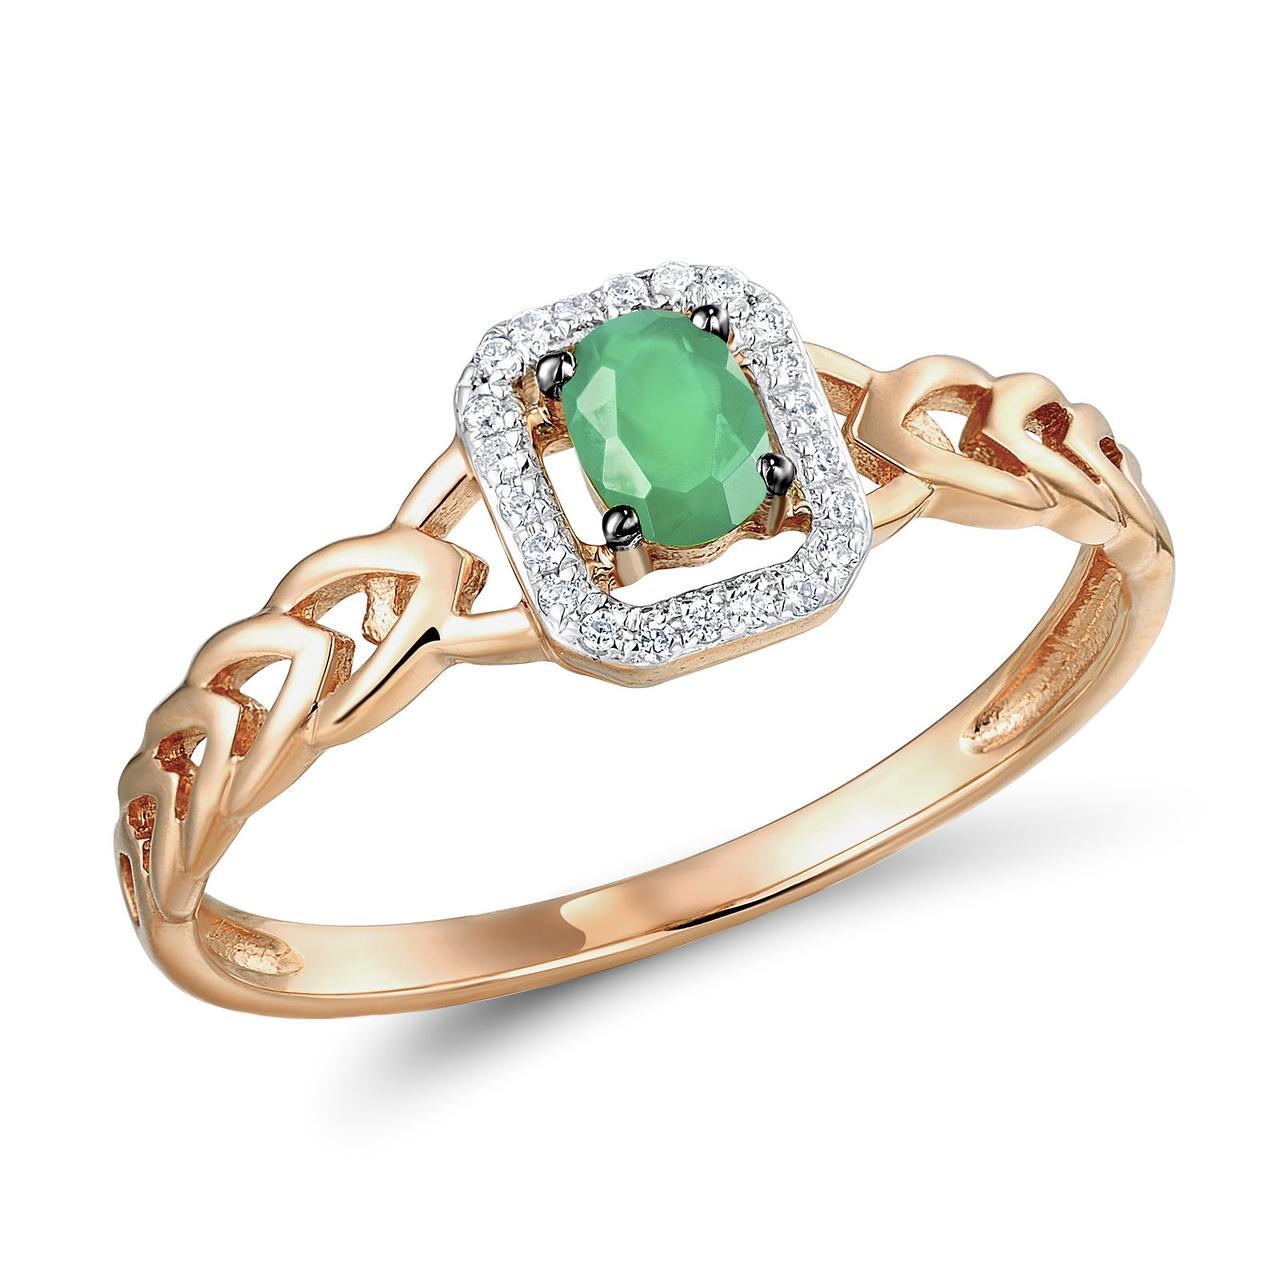 Золотое кольцо с бриллиантами и изумрудом, размер 15.5 (565104)